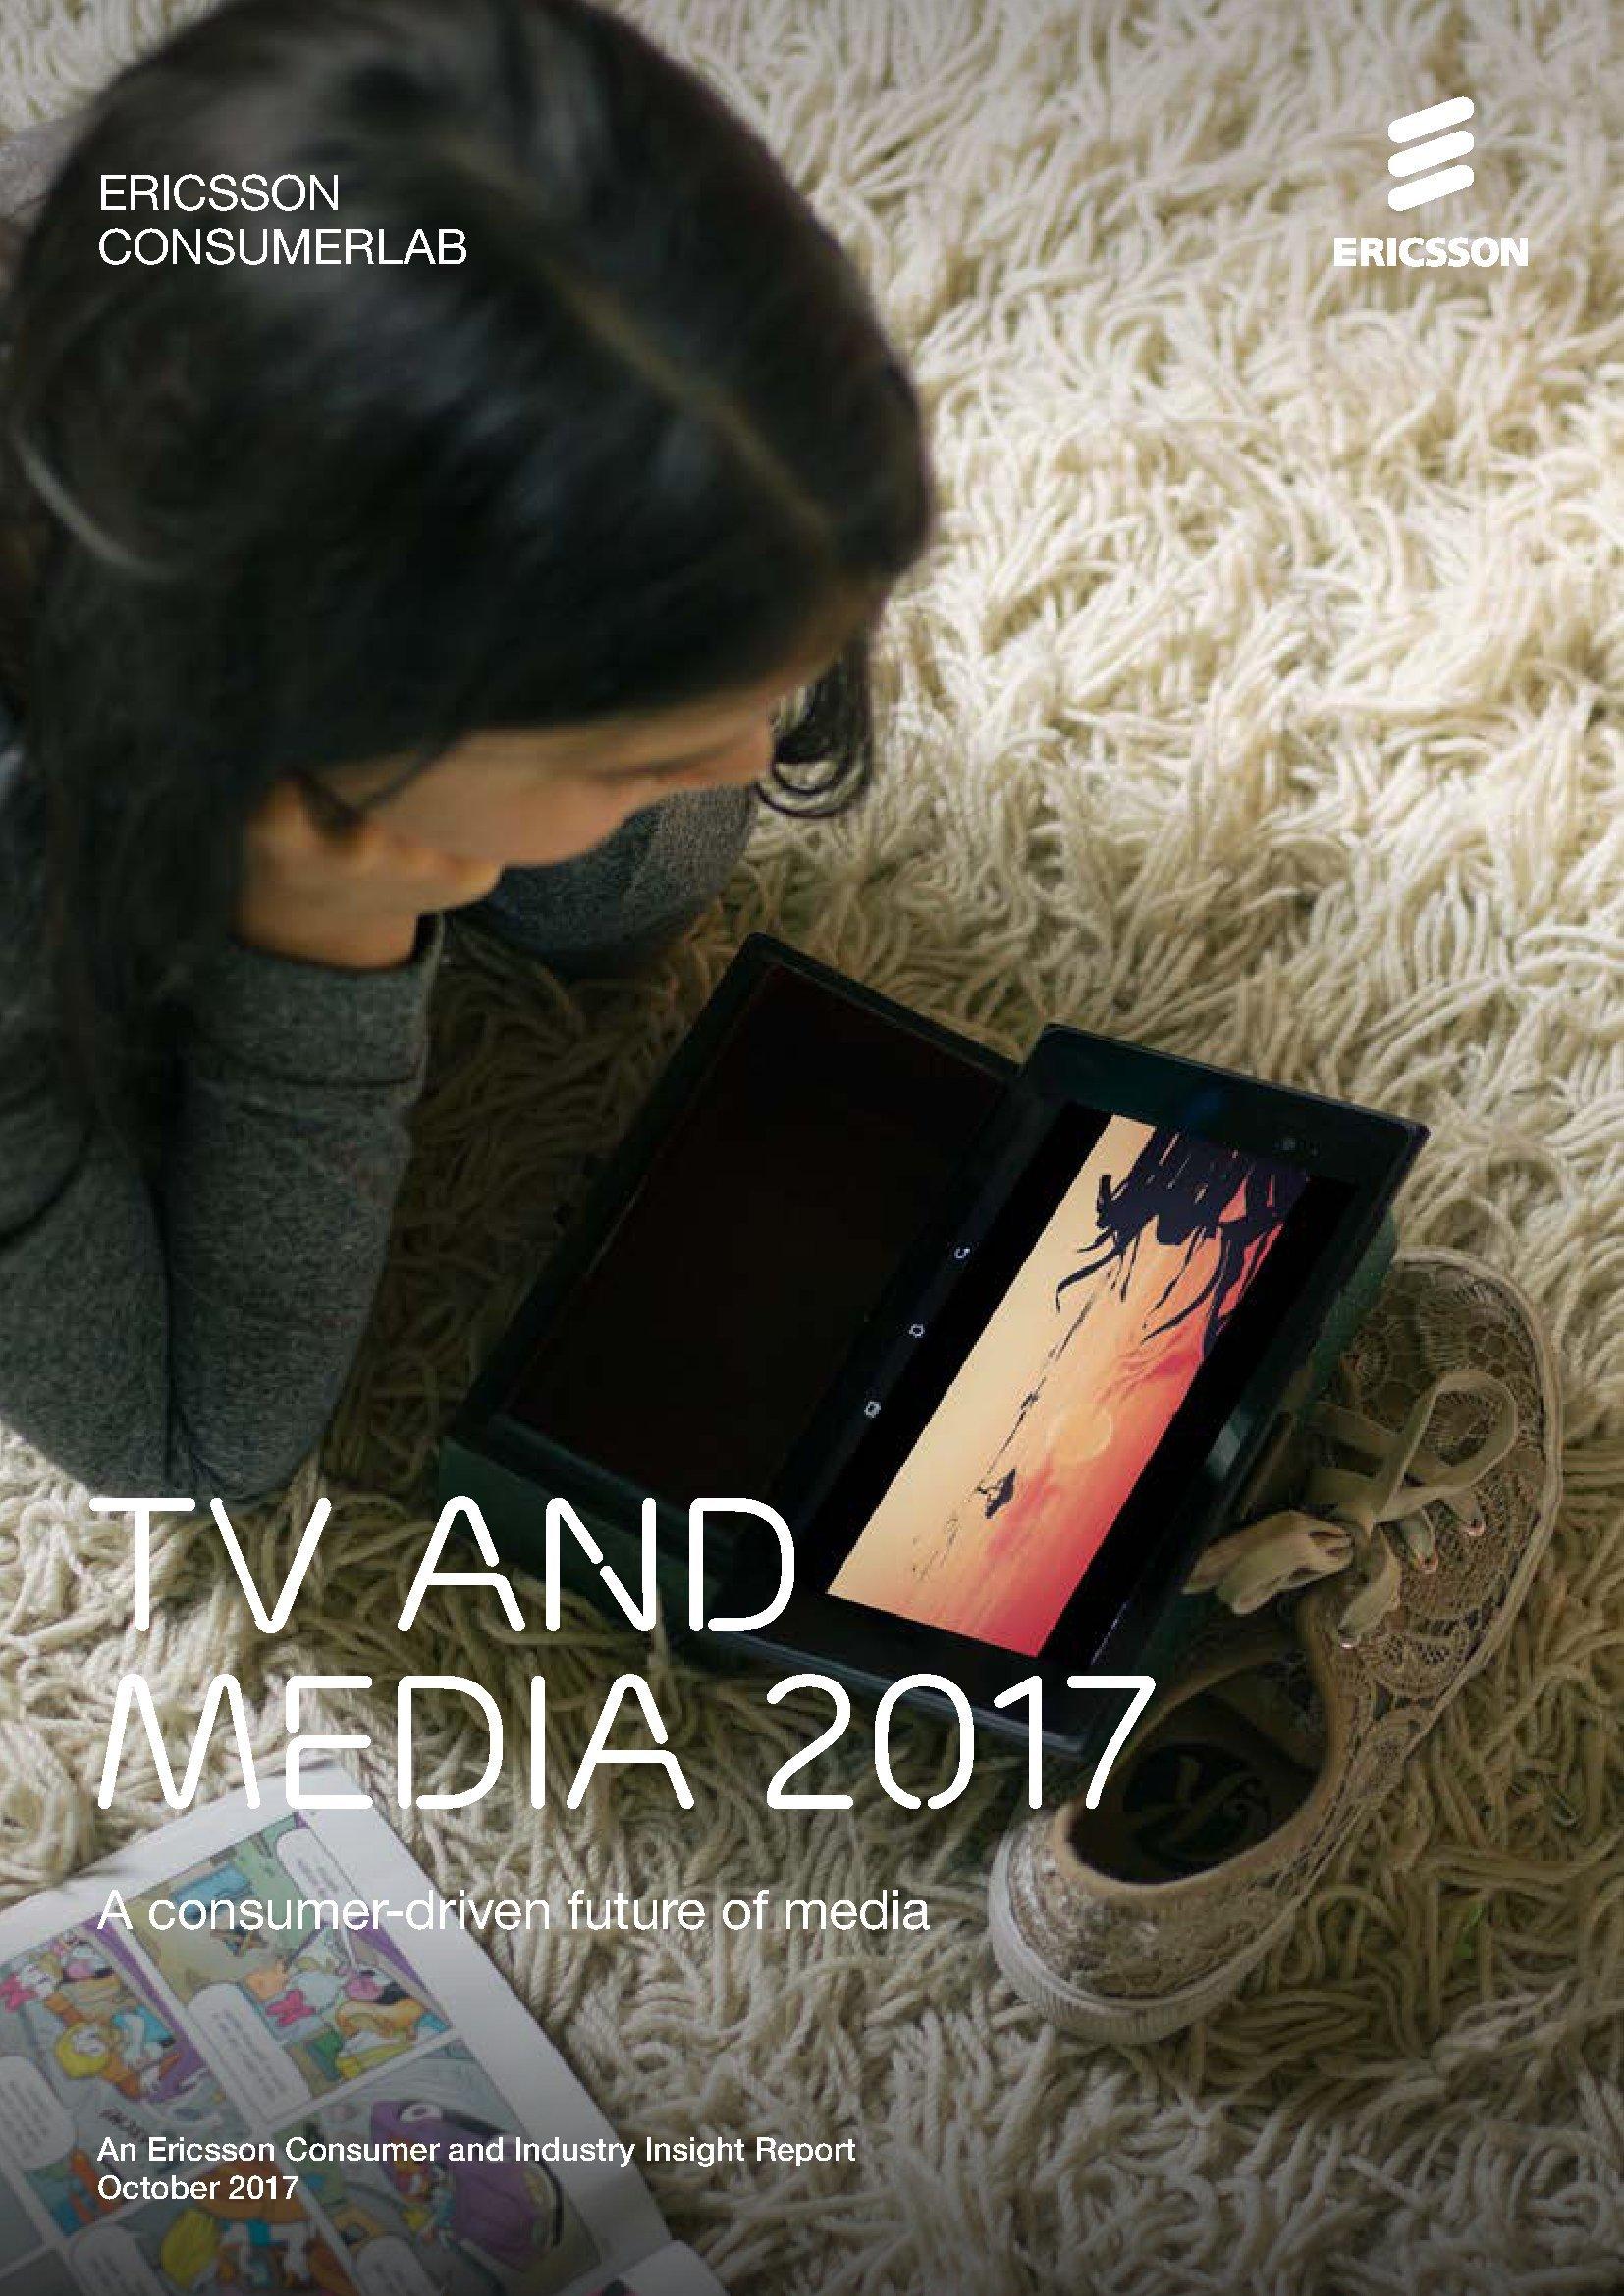 爱立信:2017年电视和媒体报告